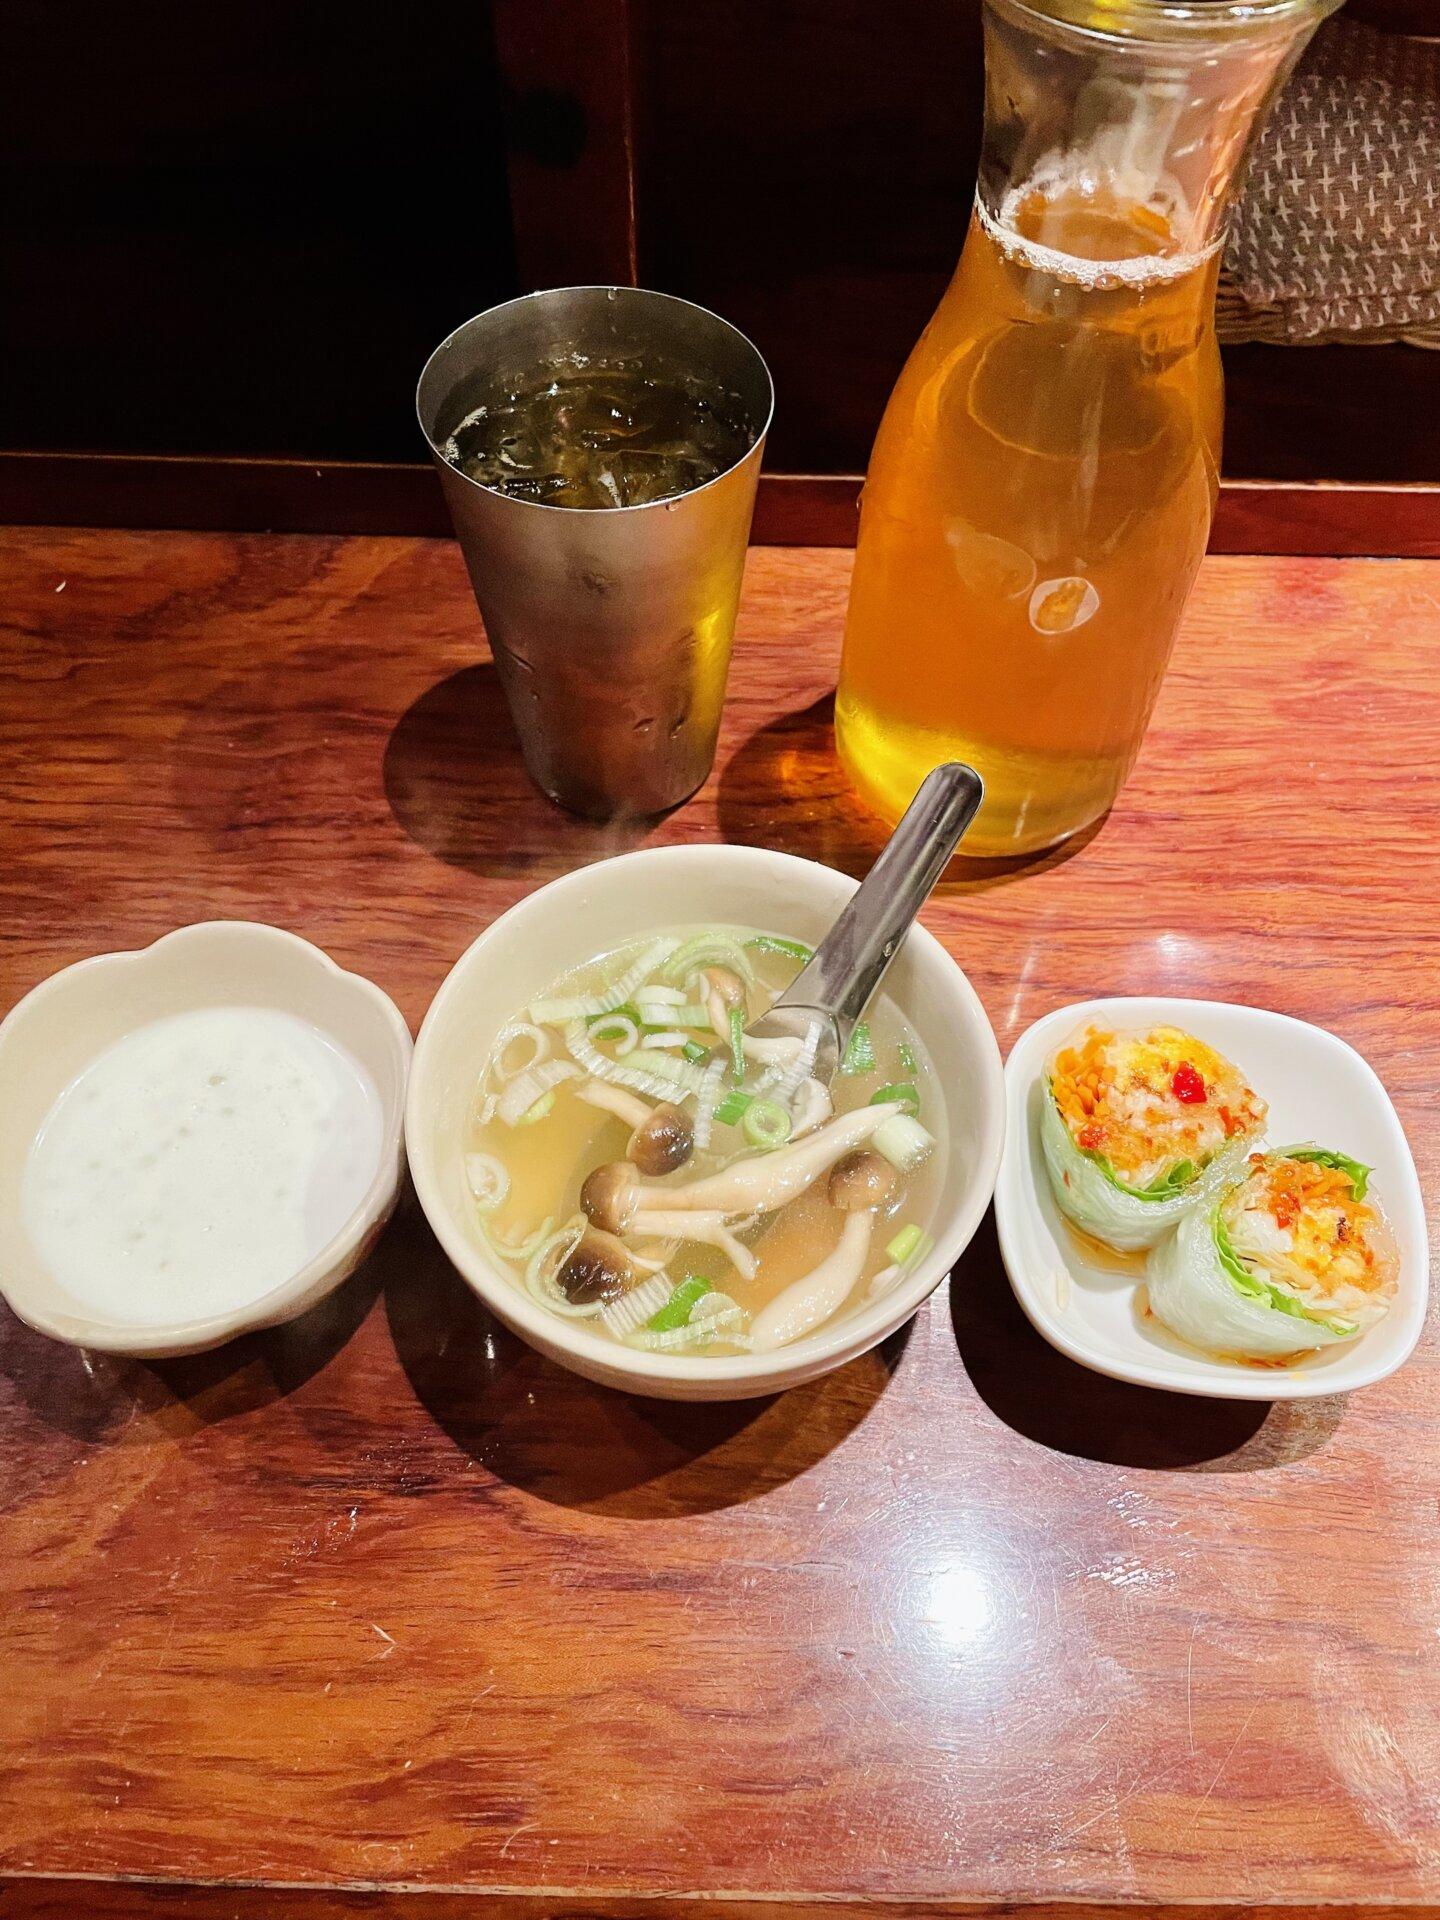 【三軒茶屋】タイ料理の激戦区でトップレベル!「タイ東北料理イサーンキッチン 」前菜